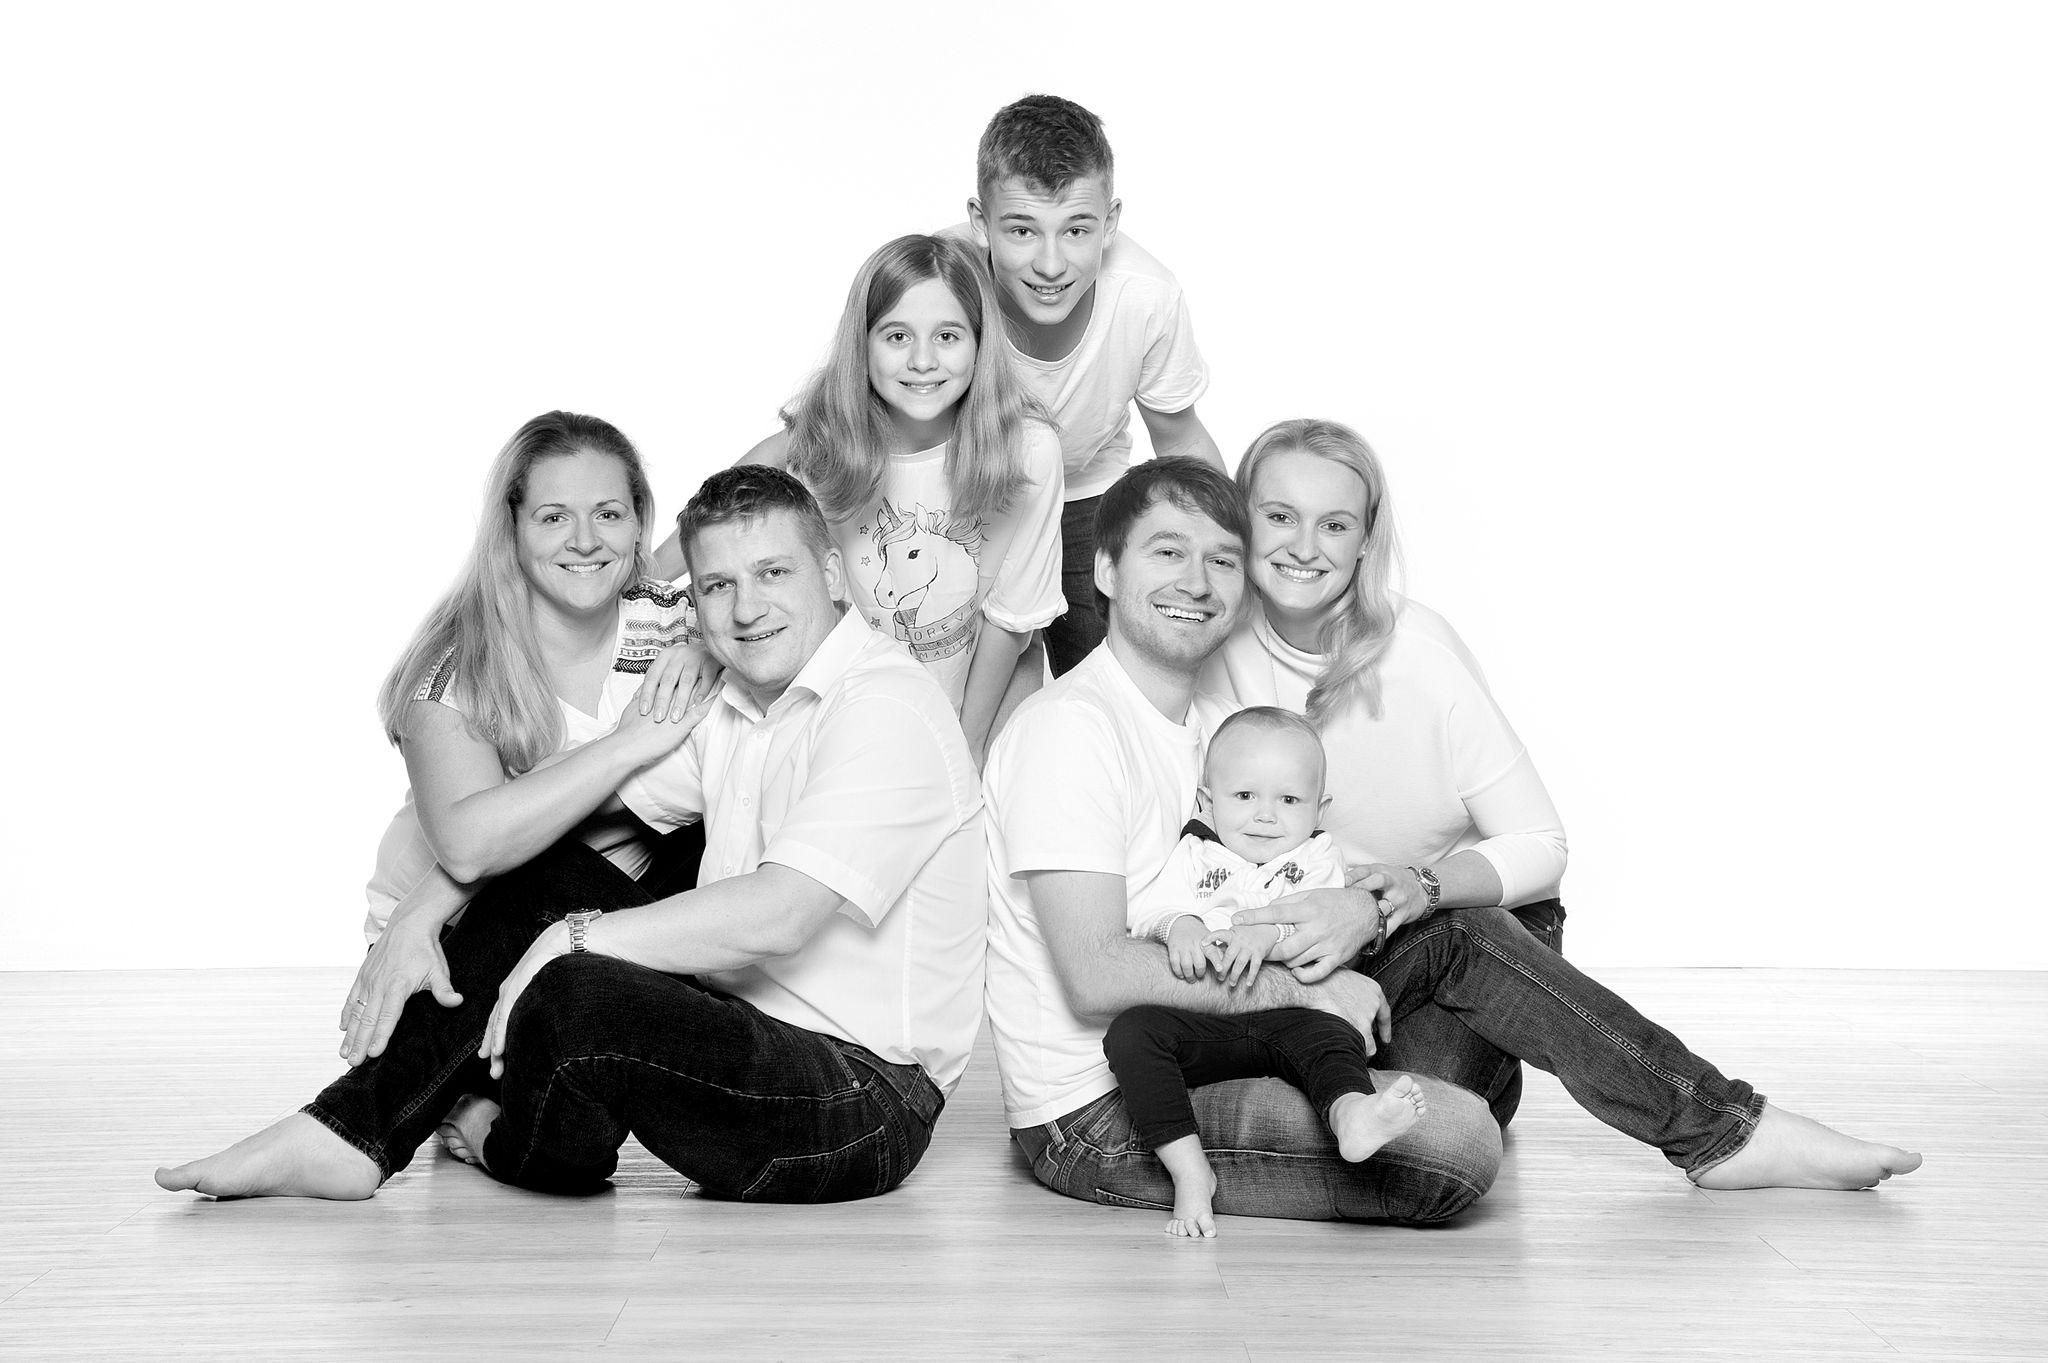 Familienfoto, Familie, Portraitfotografie, Businessfotografie, Fotostudio, Fotograf, Fotografin,bewerbungsbilder, Familienfotografie, Industriefotografie, Veranstaltungsfotografie, Hochzeitsfotografie, Kinderfotografie, Fotograf, Fotografie, Foto,Jena, Thueringen,